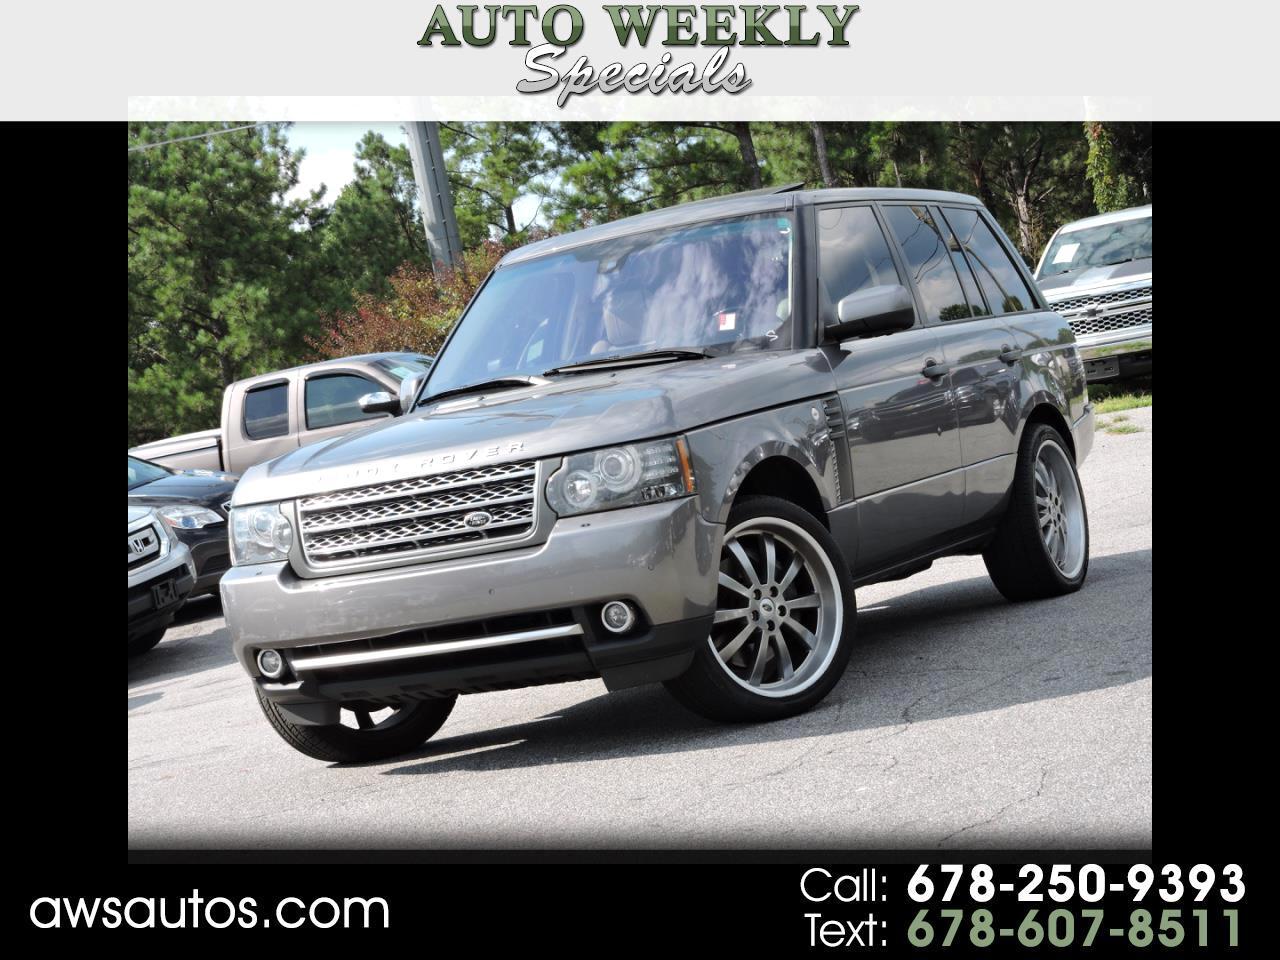 2011 Land Rover Range Rover 4WD 4dr SC